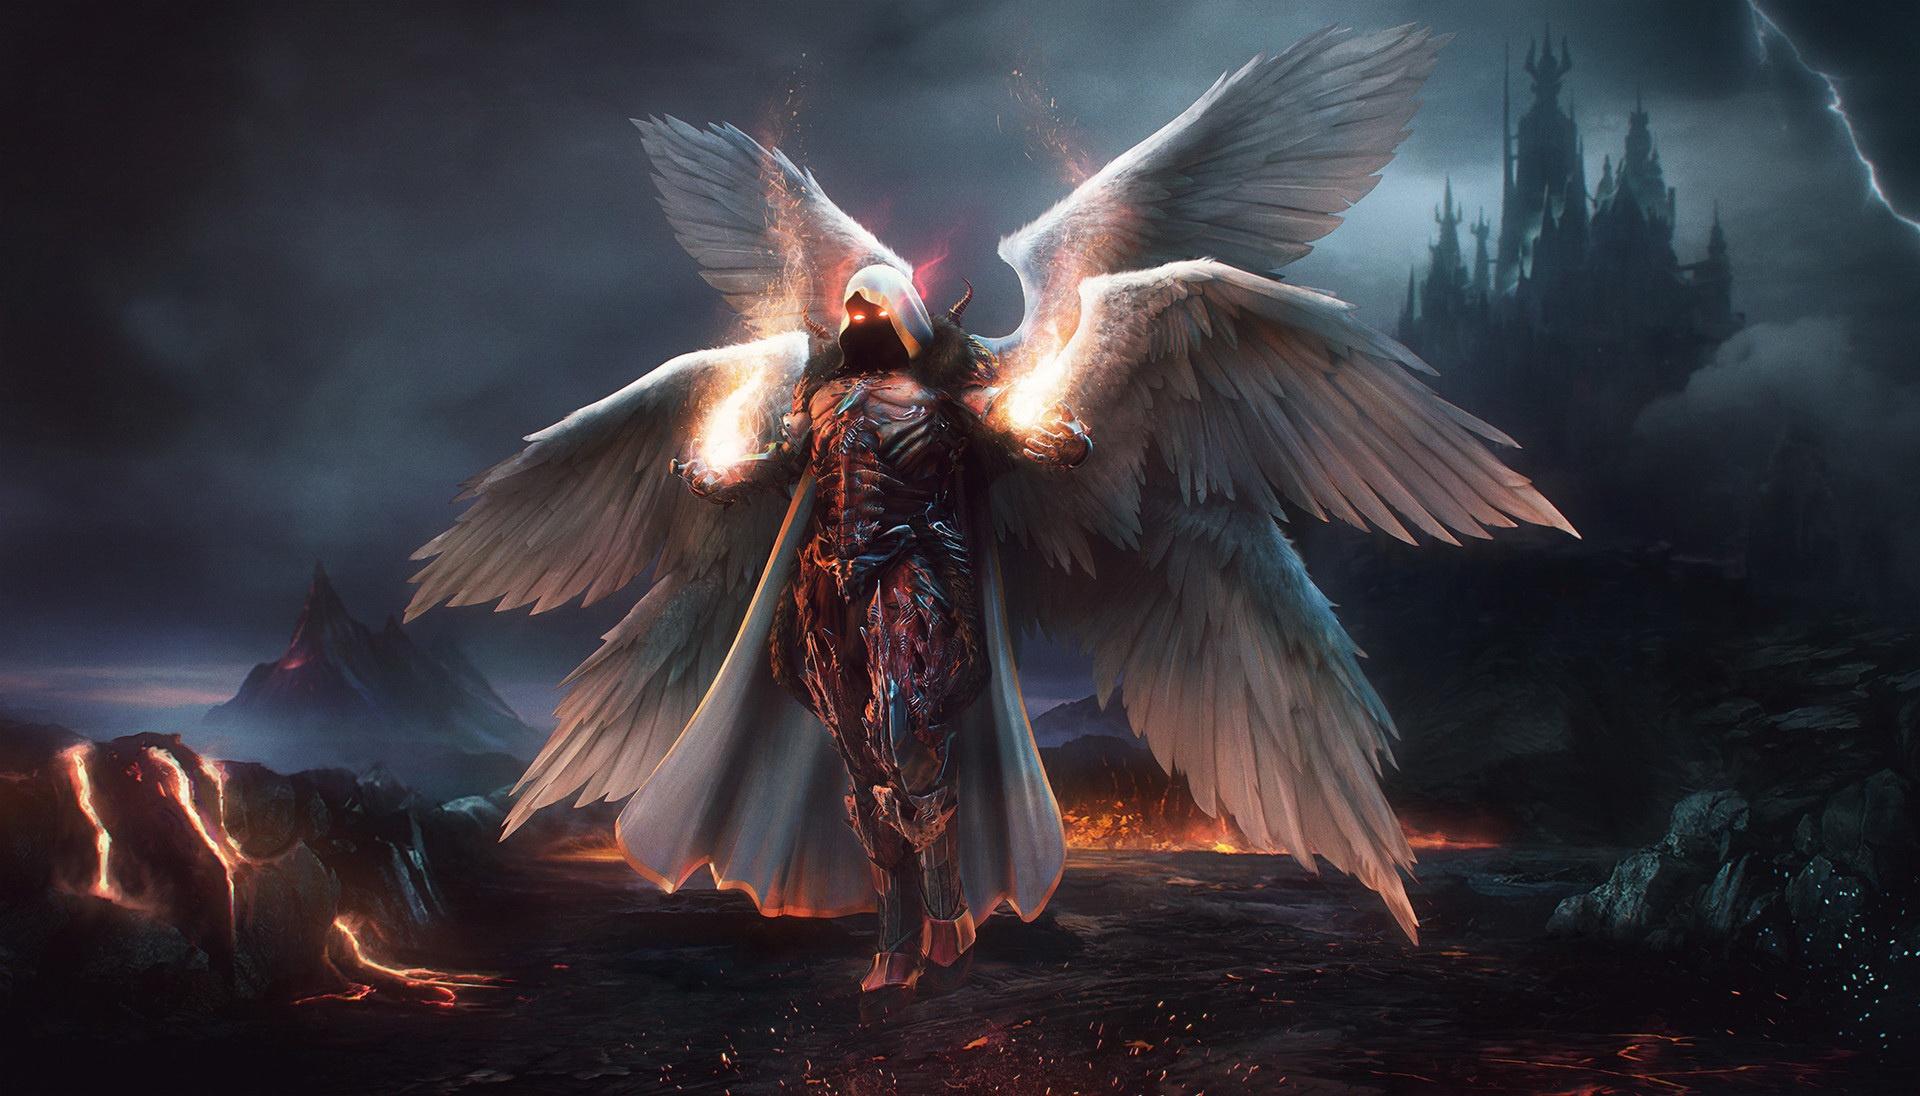 спорит, фото архангелов с крыльями одна